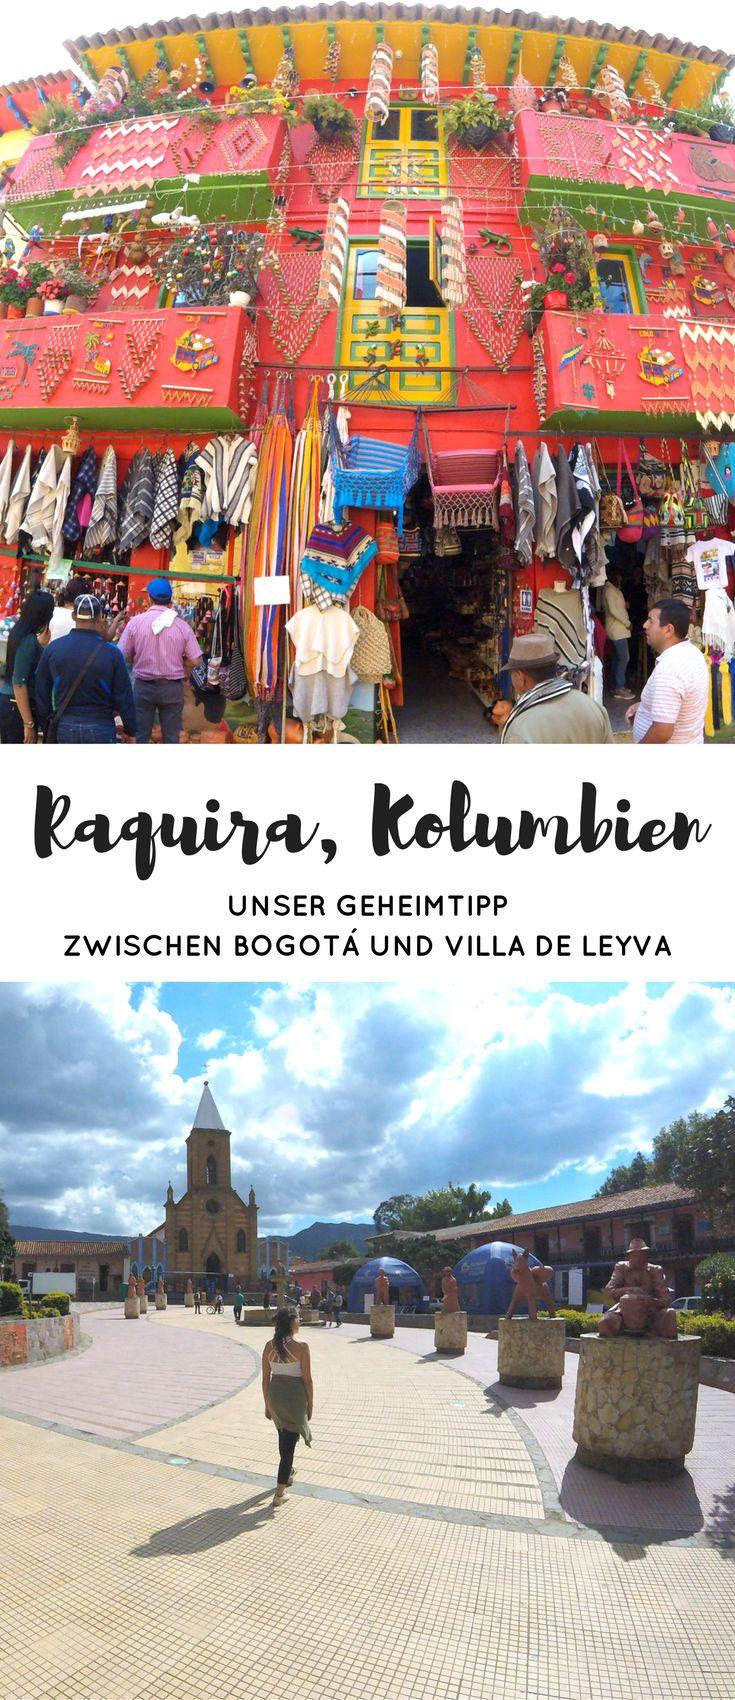 Raquira in Kolumbien ist ein farbenfrohes Städtchen zwischen Villa de Leyva und Bogota. Wir zeigen dir in unserem Reisebericht was du alles in der Töpferstadt erleben kannst und wie du hinkommst! #reisen #urlaub #kolumbien #backpacking #reisebericht